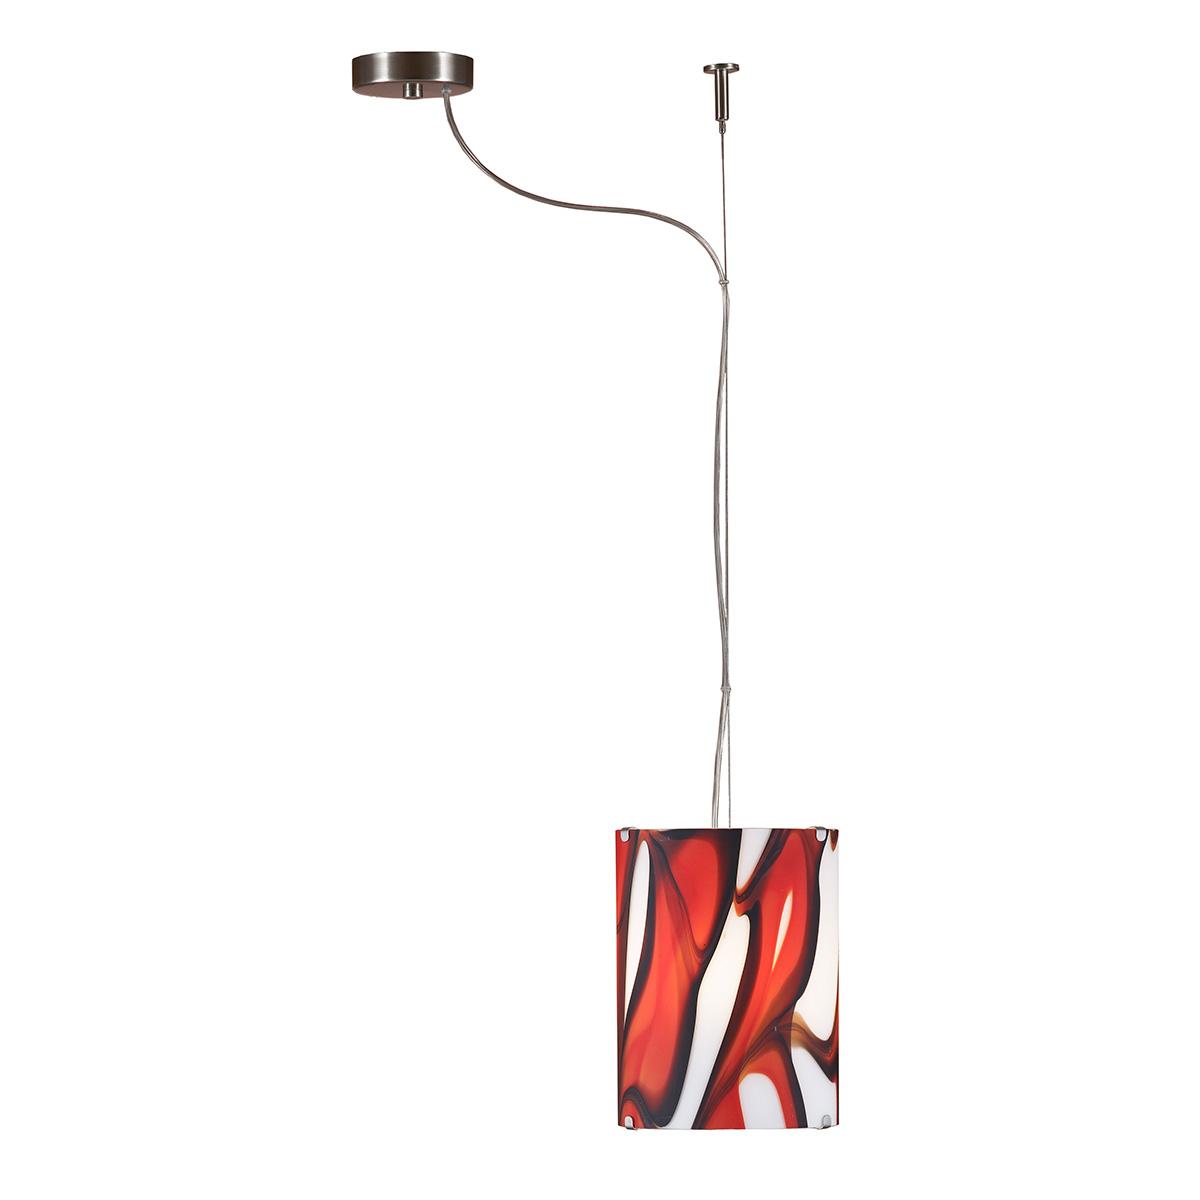 Μοντέρνο κρεμαστό φωτιστικό COLORE modern Murano pendant lamp